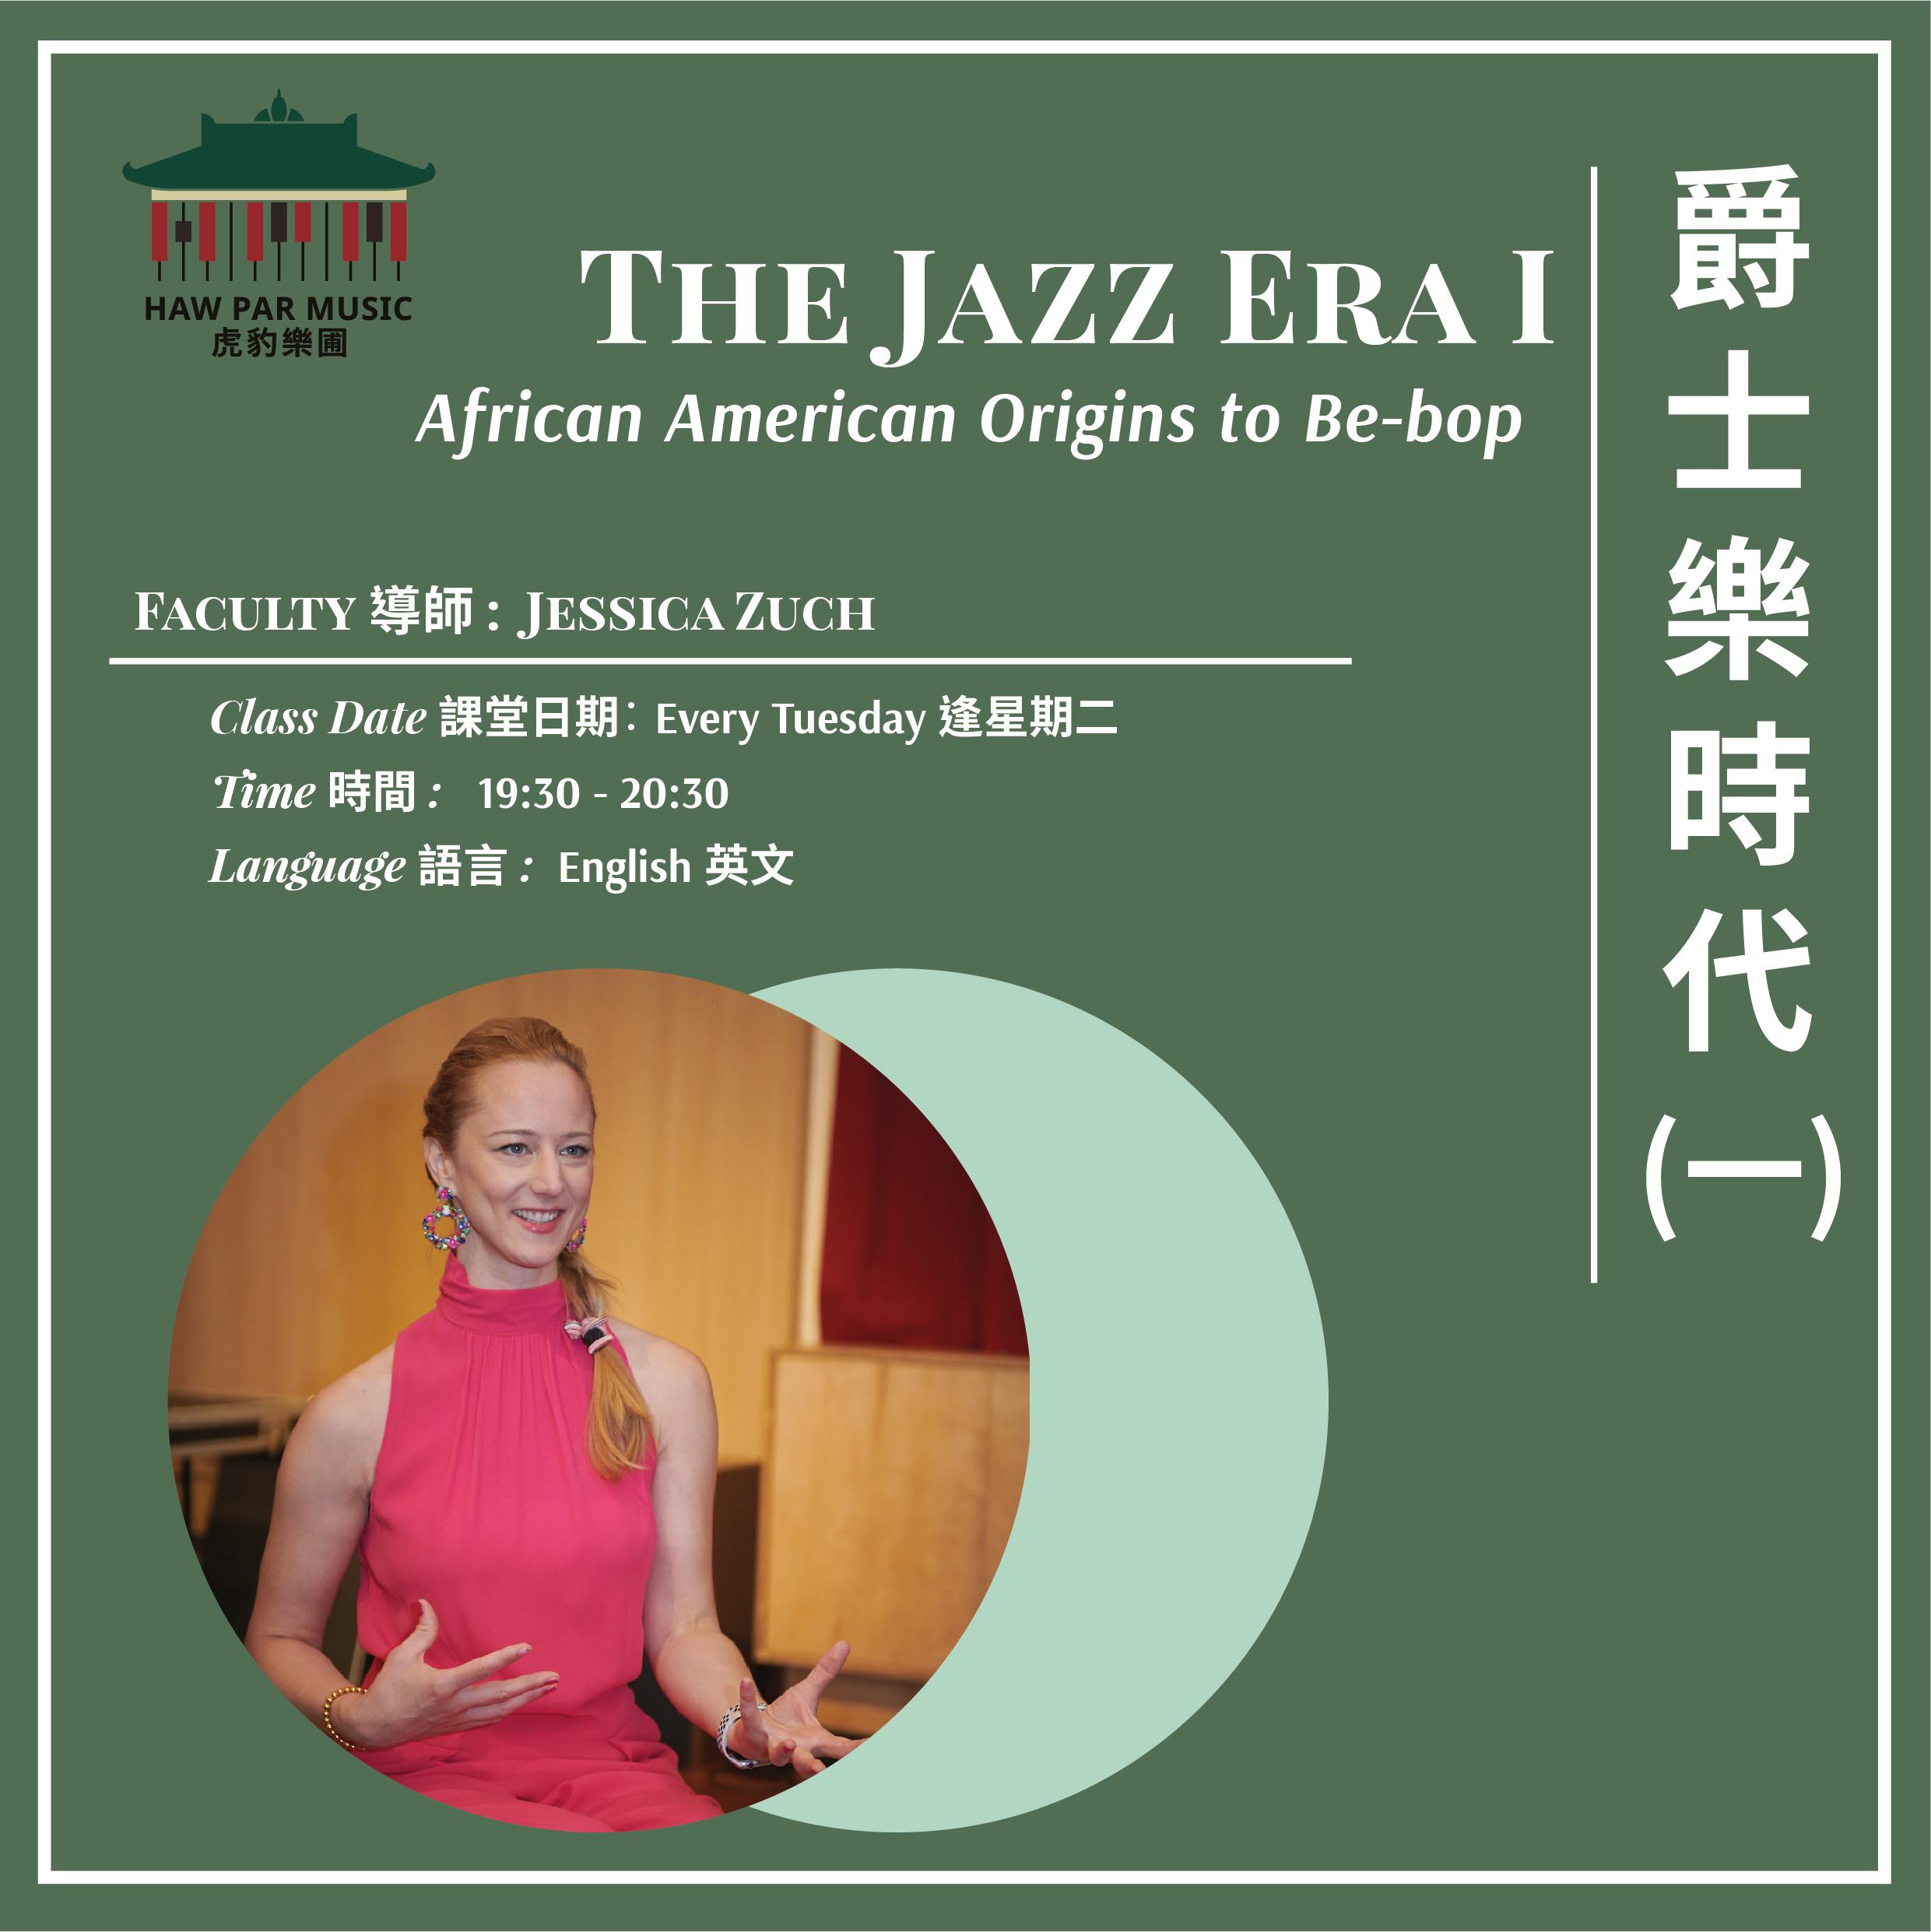 The Jazz Era I-02